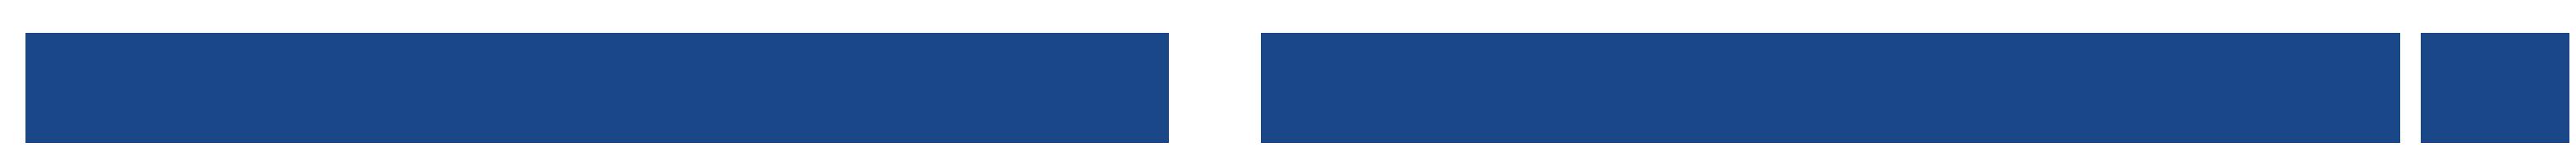 General dynamics corporation программа автоматическая для торговли на форекс рынке